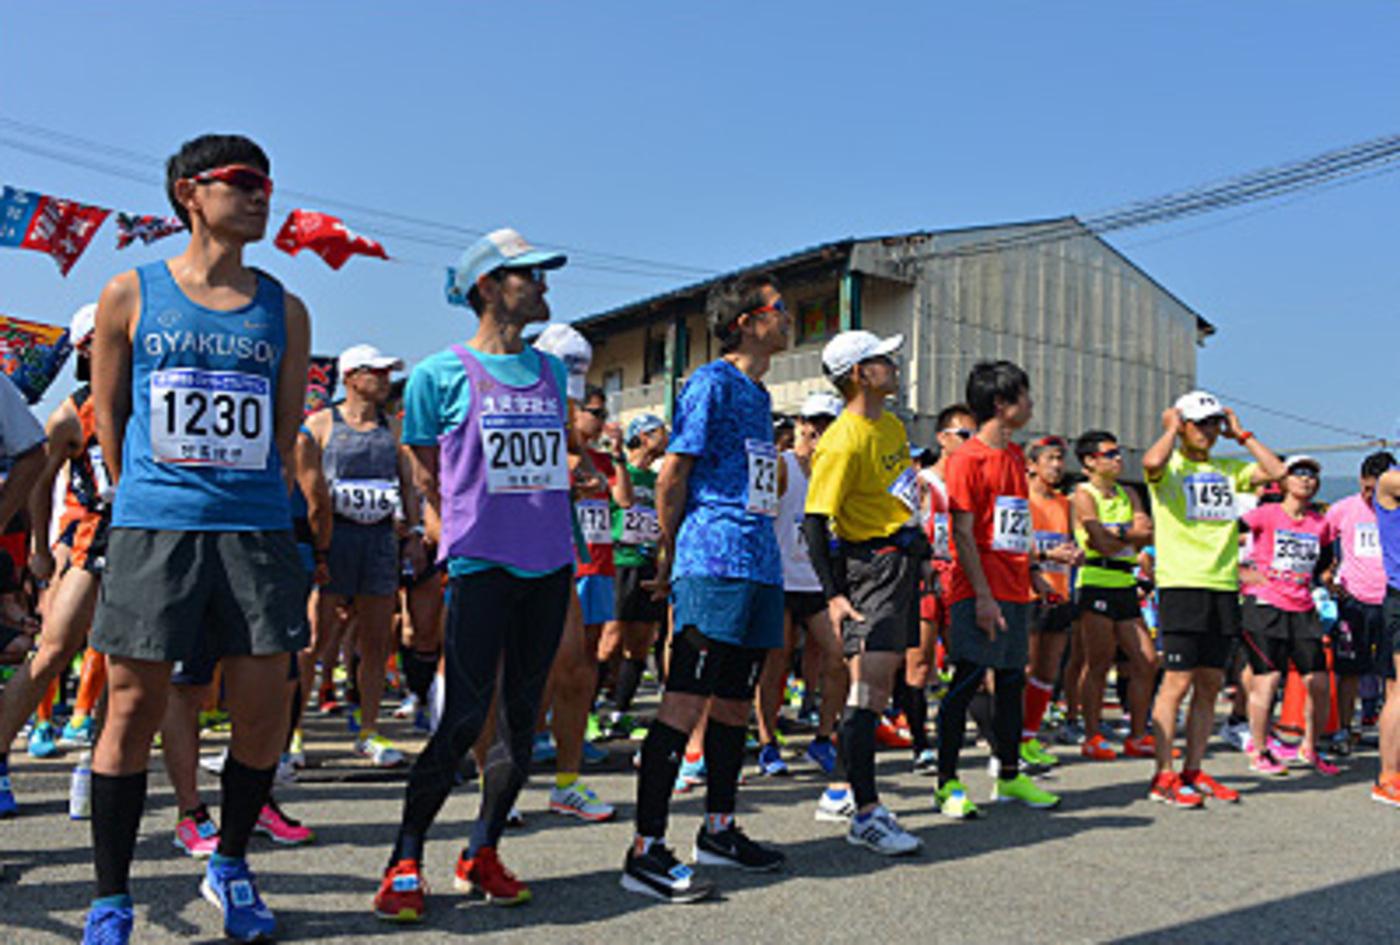 香住・ジオパークフルマラソン大会 | 兵庫県